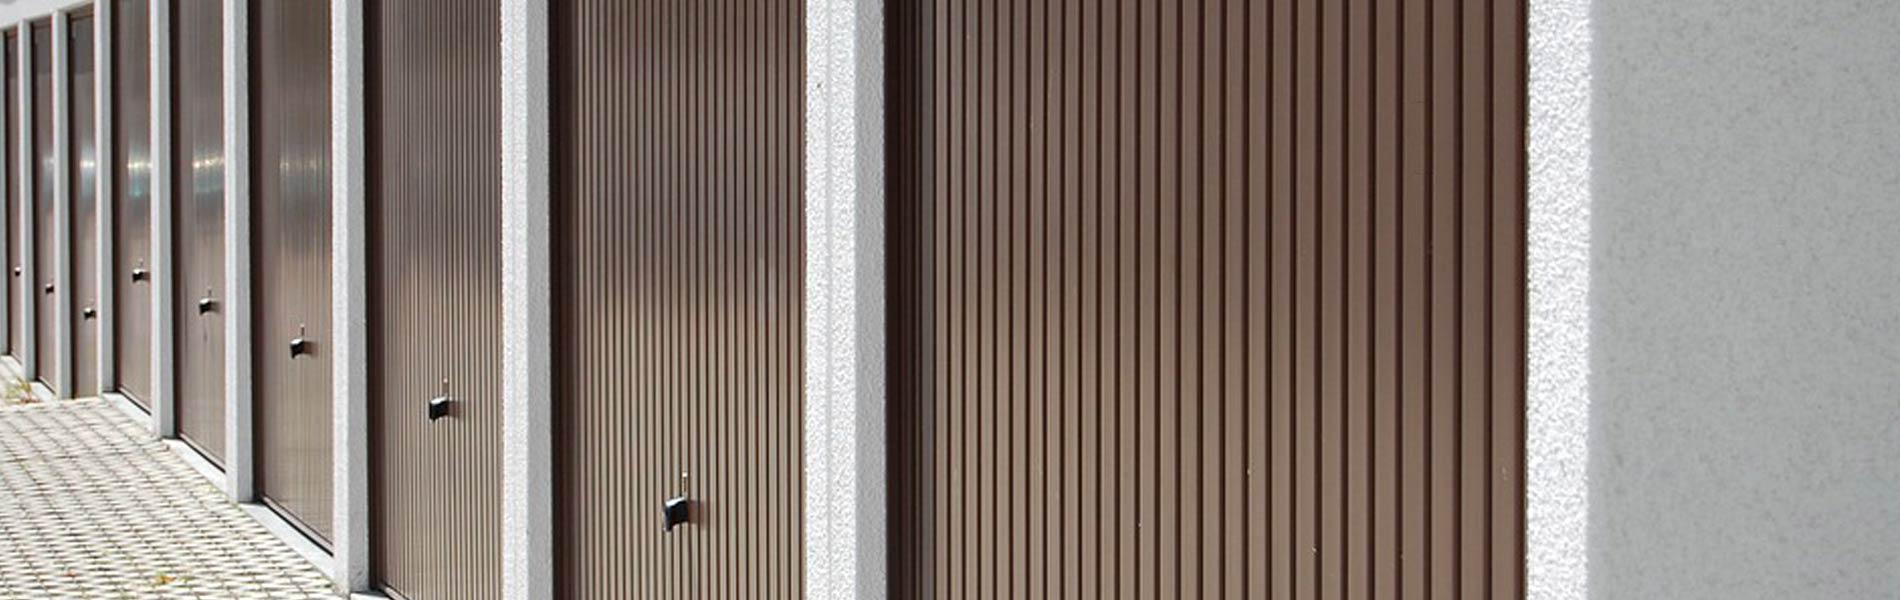 Expert Garage Doors Repairs Broken Spring Door Upland Ca